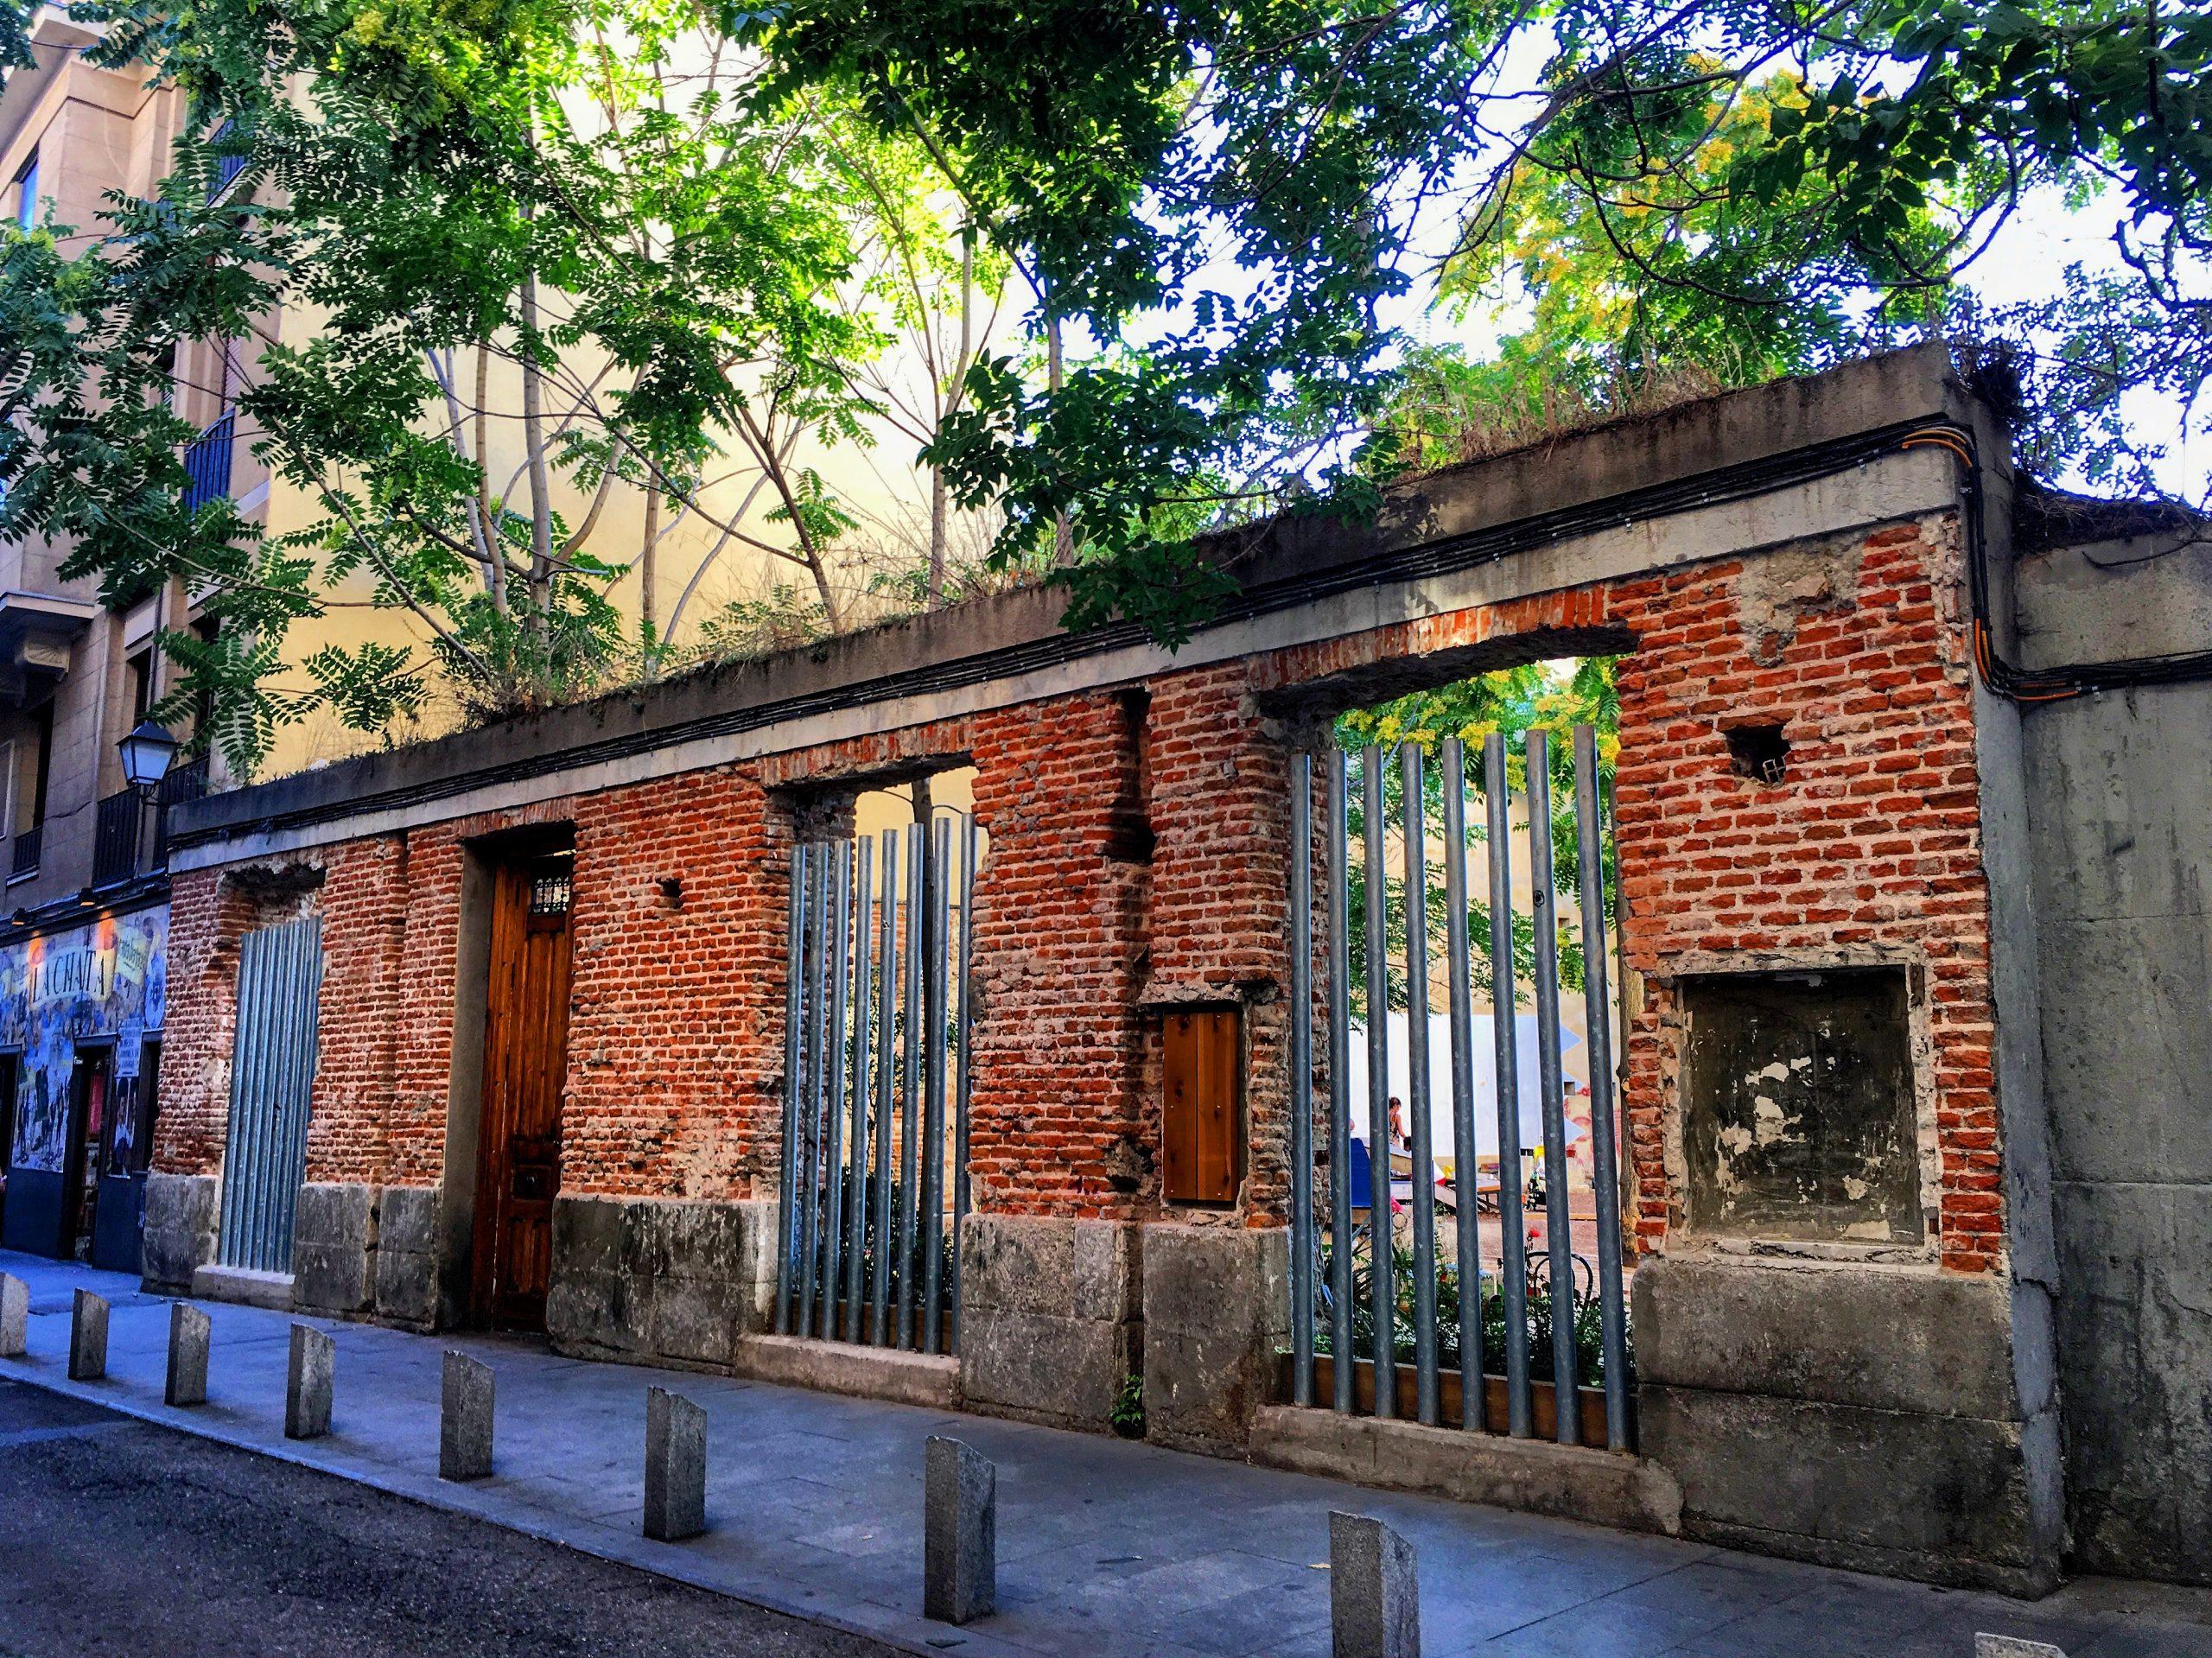 Parque el Almendro 3, Madrid